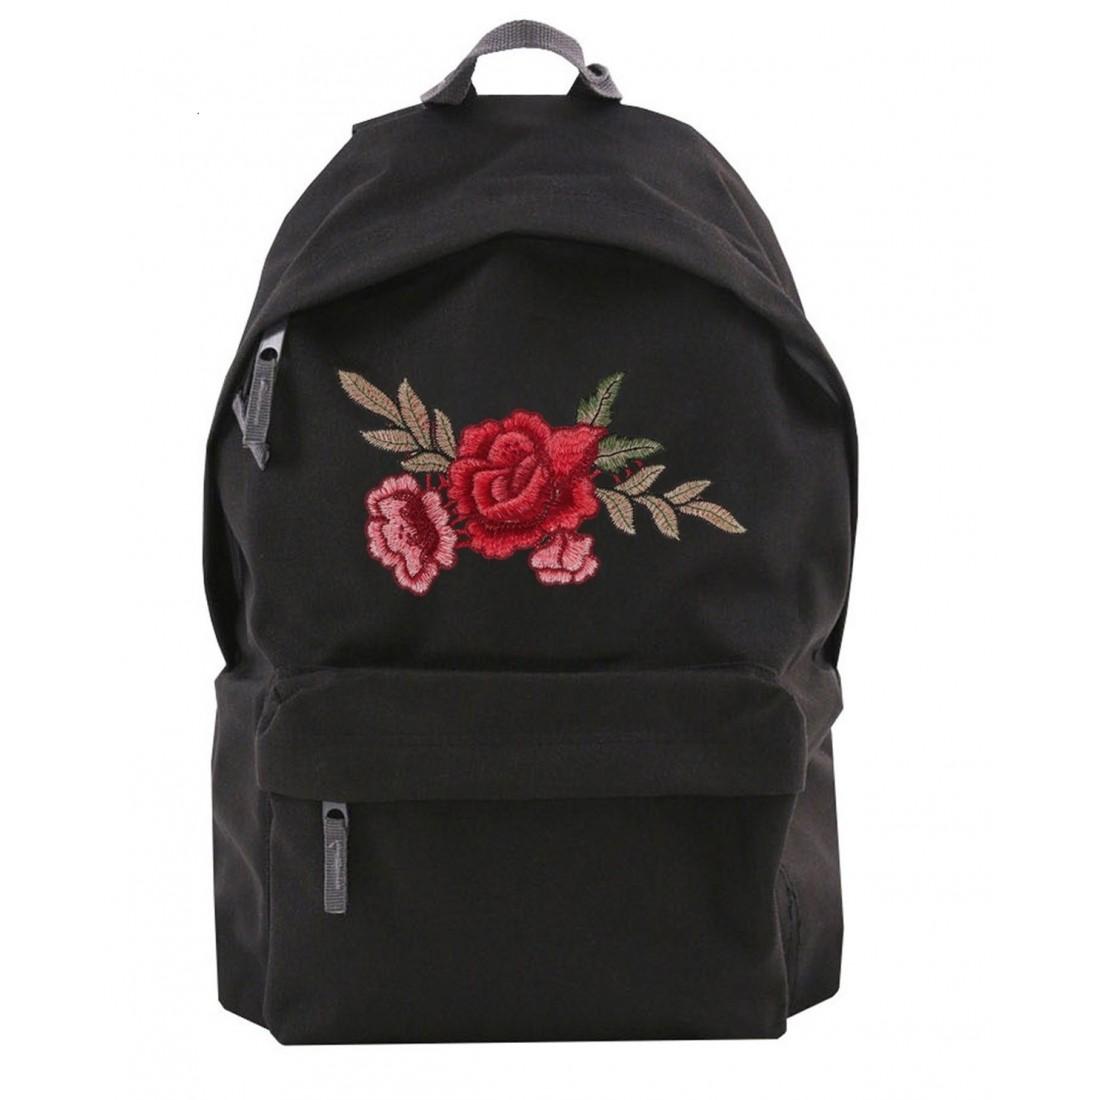 Plecak Simple Roses II czarny/black